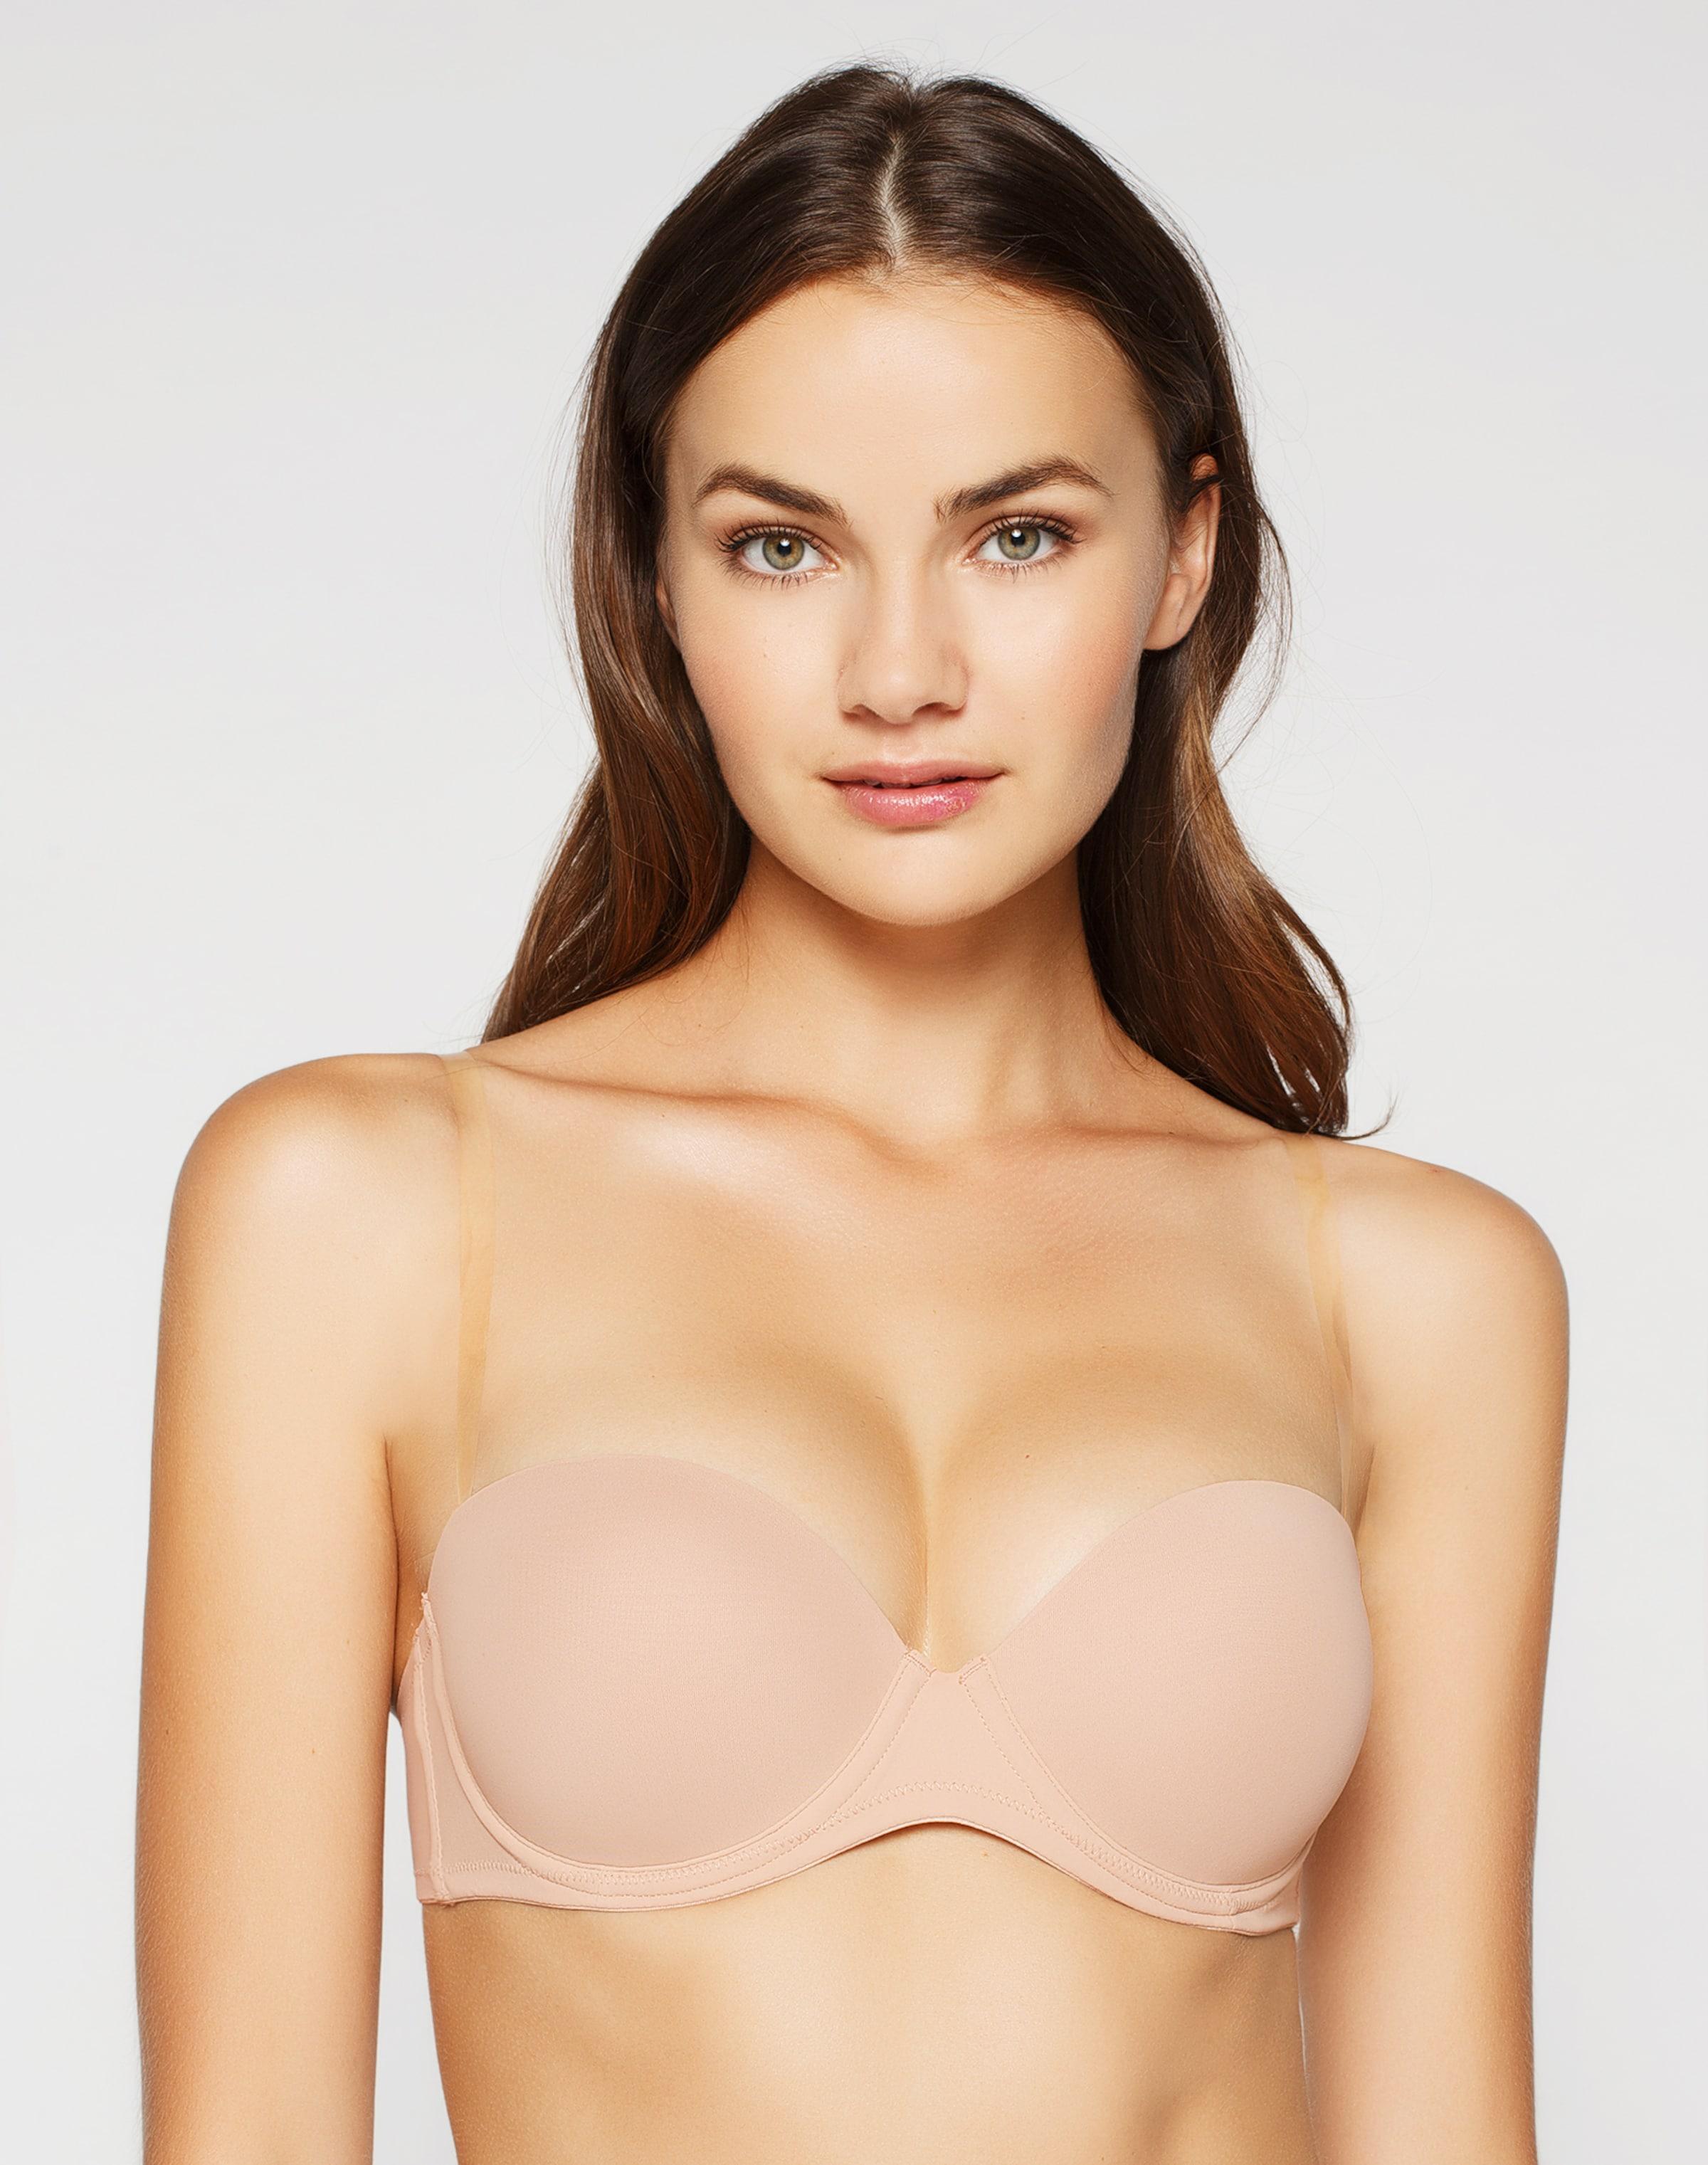 Nicekicks Online Calvin Klein underwear Multifunktionaler Bügel-BH Wie Viel Online CIHCbf